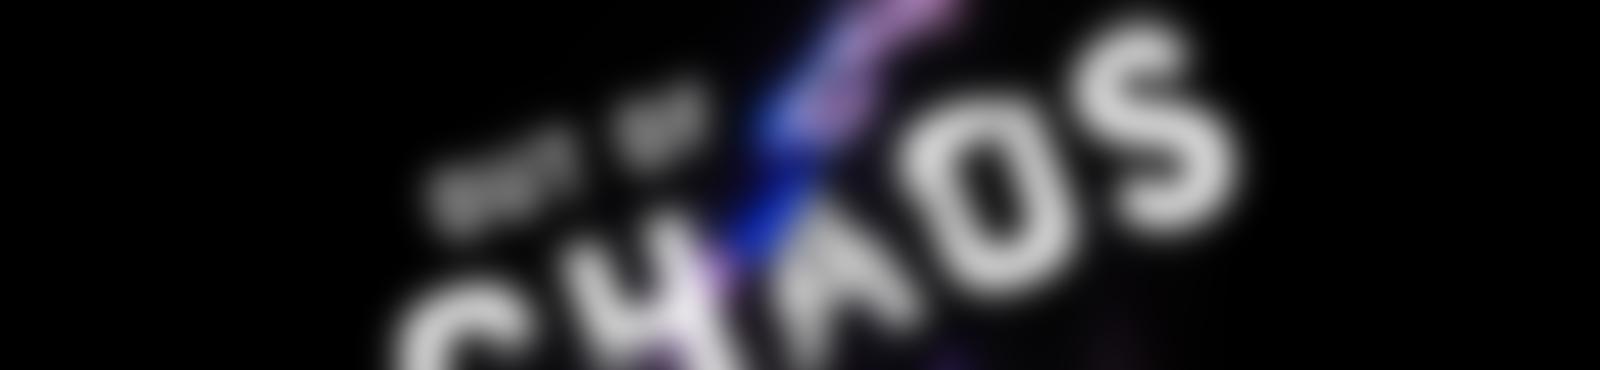 Blurred 456f7a66 77df 444f a753 2c2976d265b0